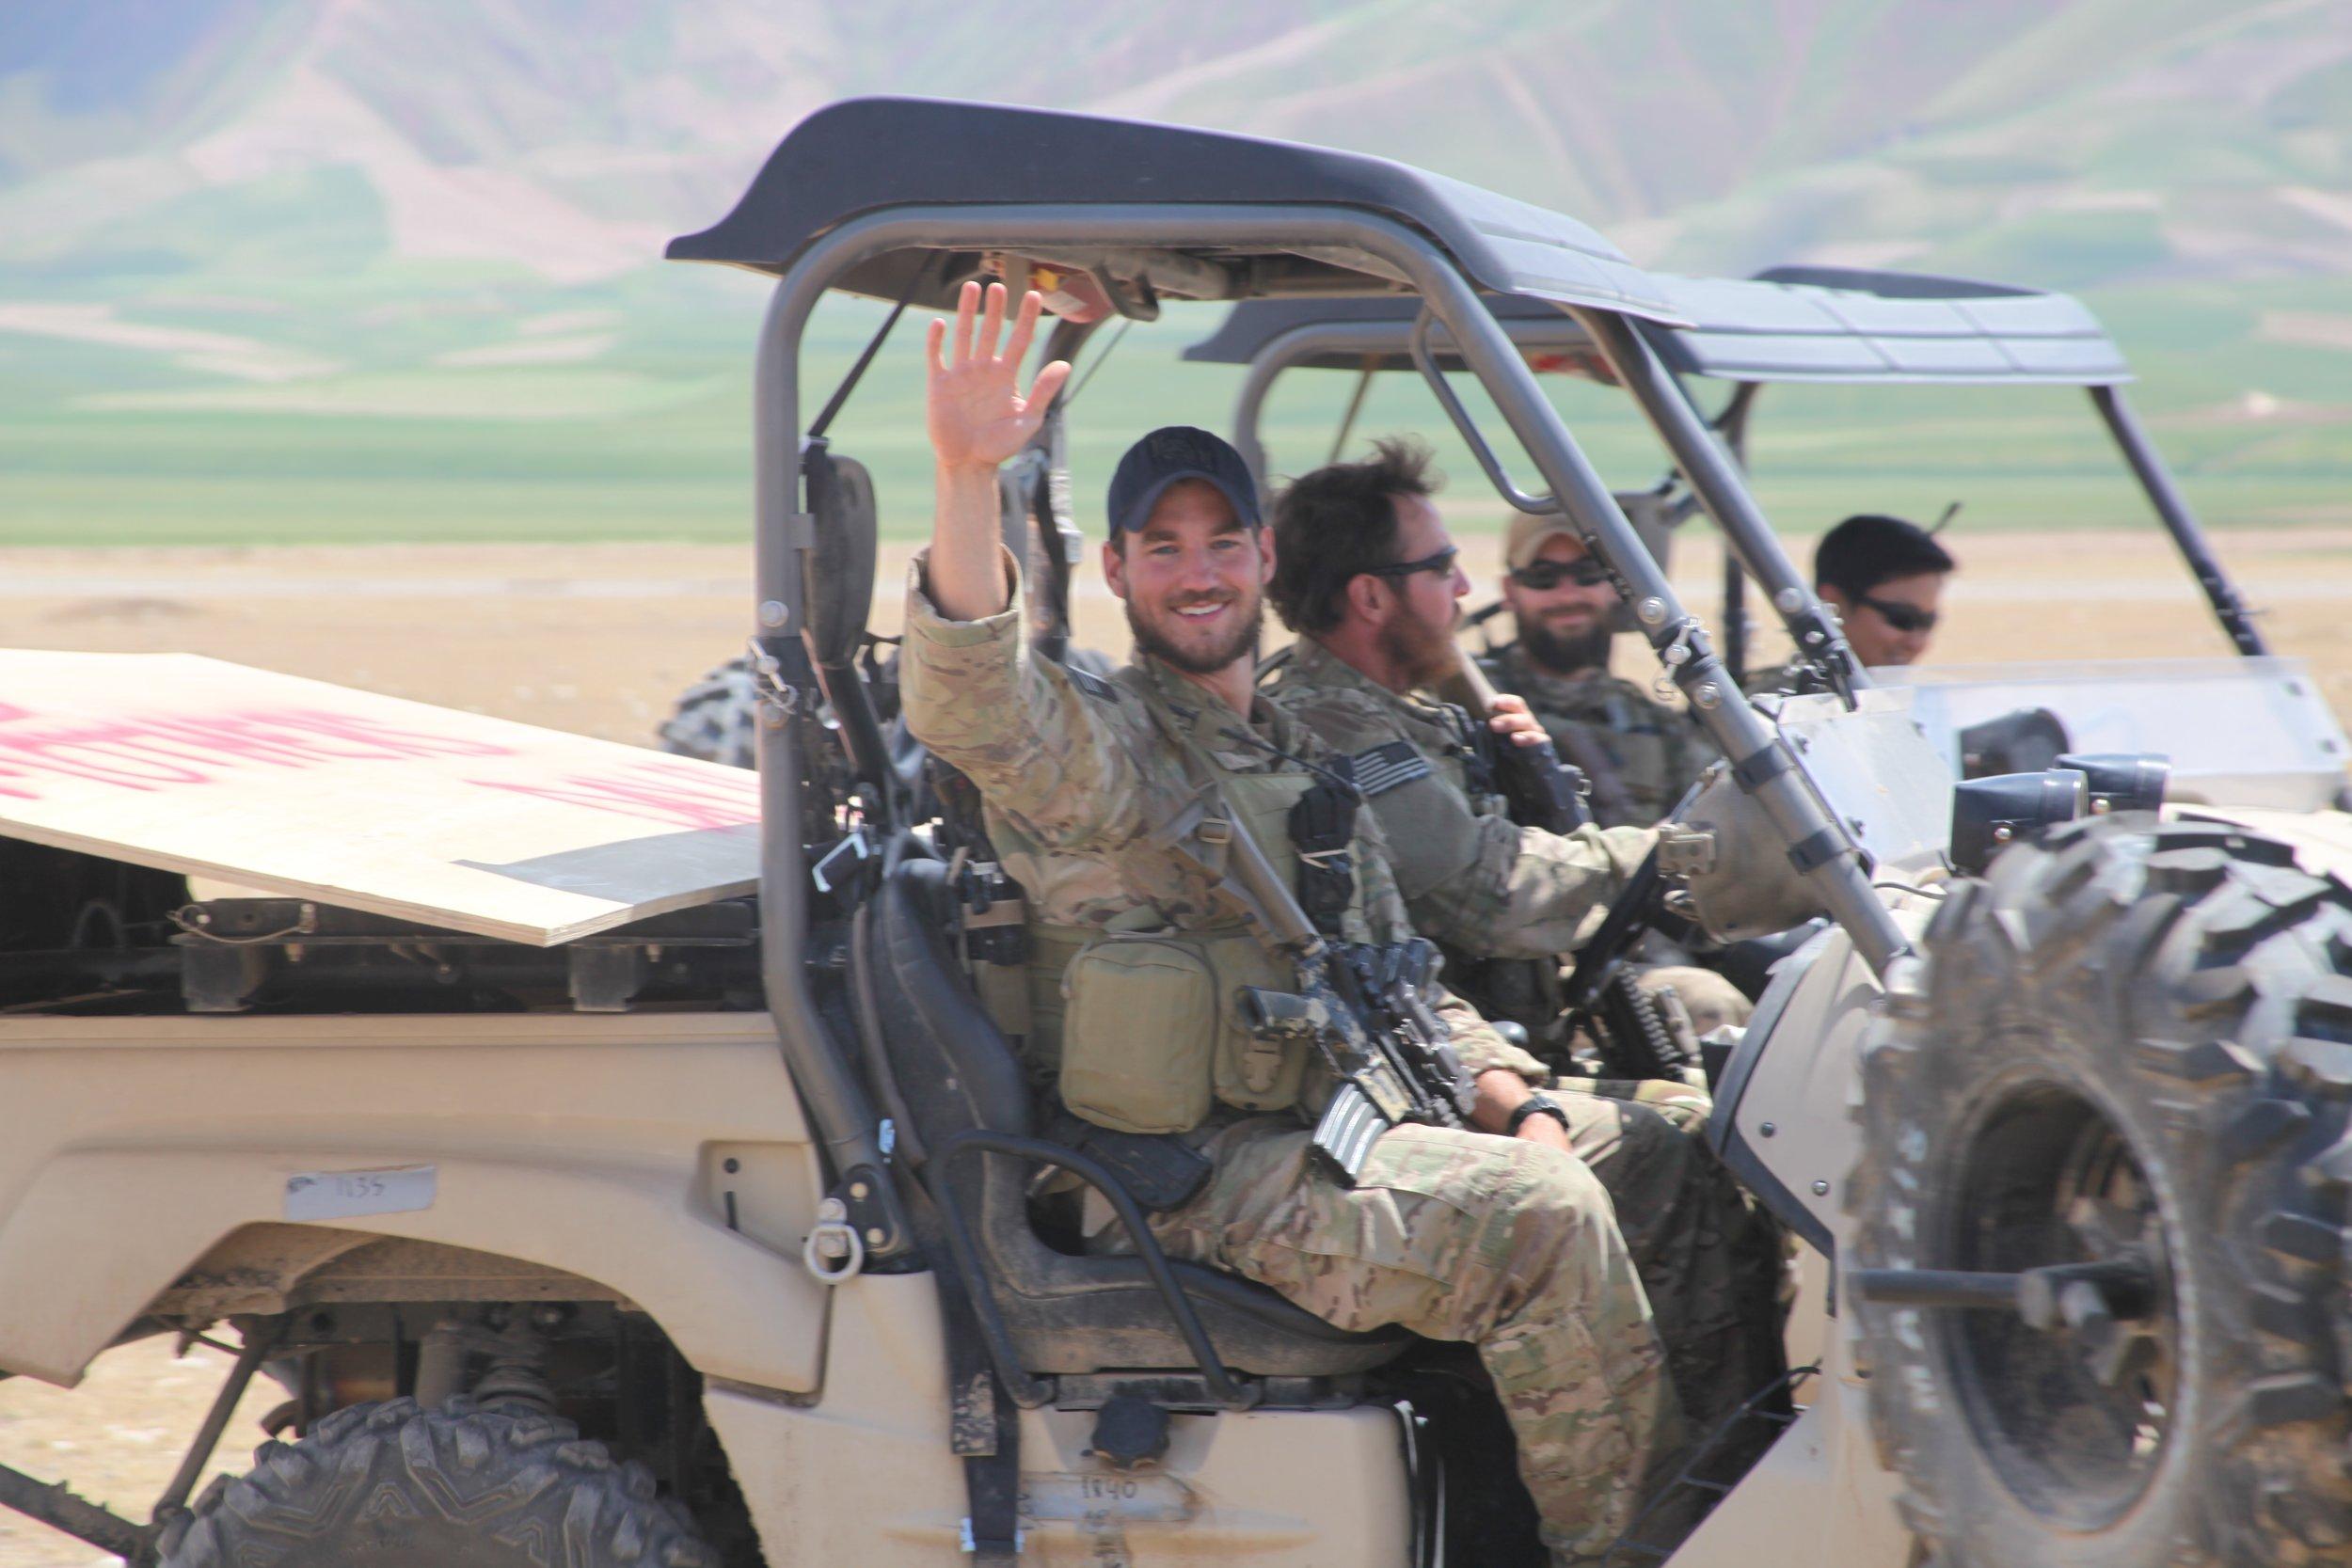 Bobby Barrios Jr. with ODA 1211, Afghanistan, 2012